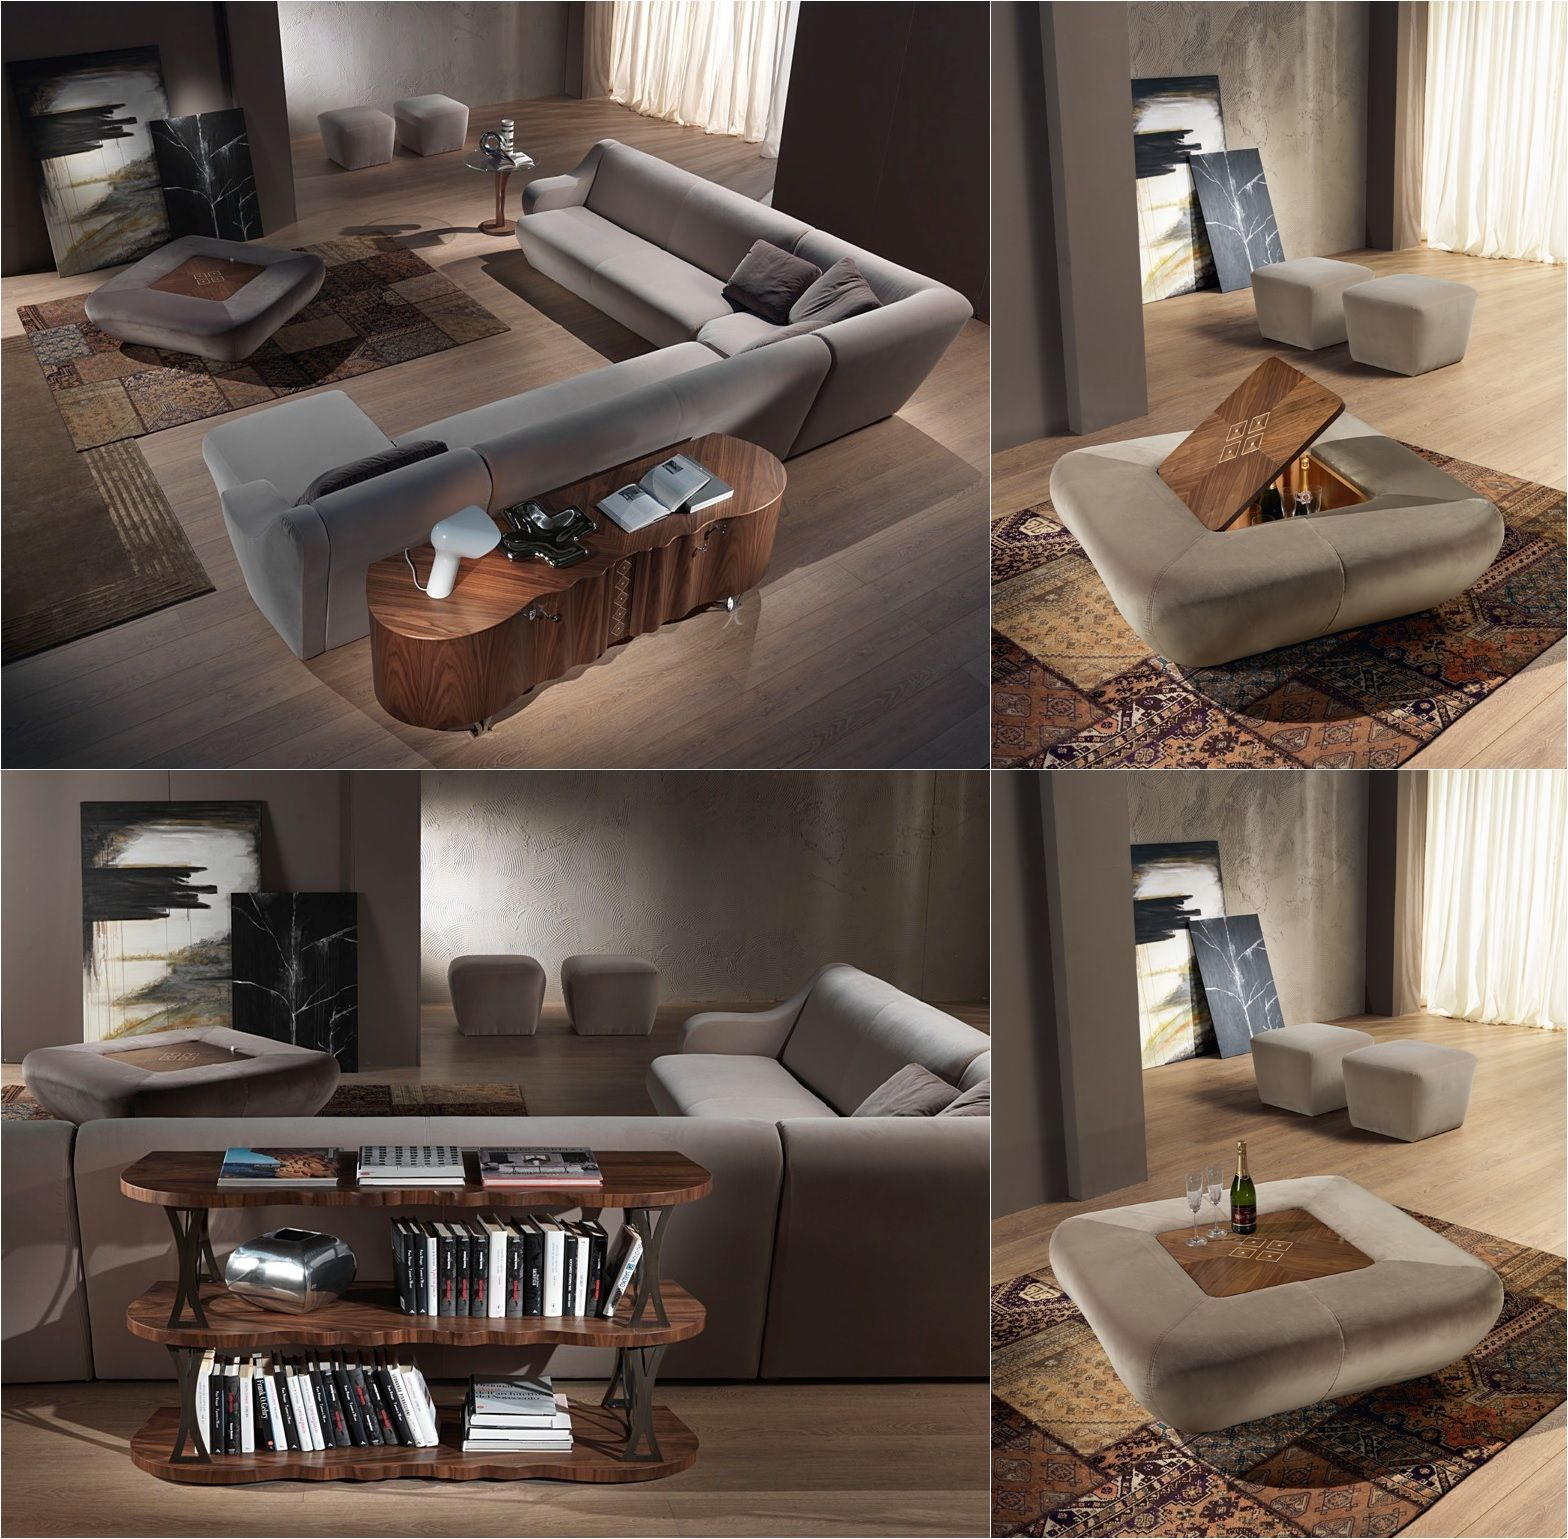 MORFEO modular sofa u0026 coffee table pouf Carpanelli